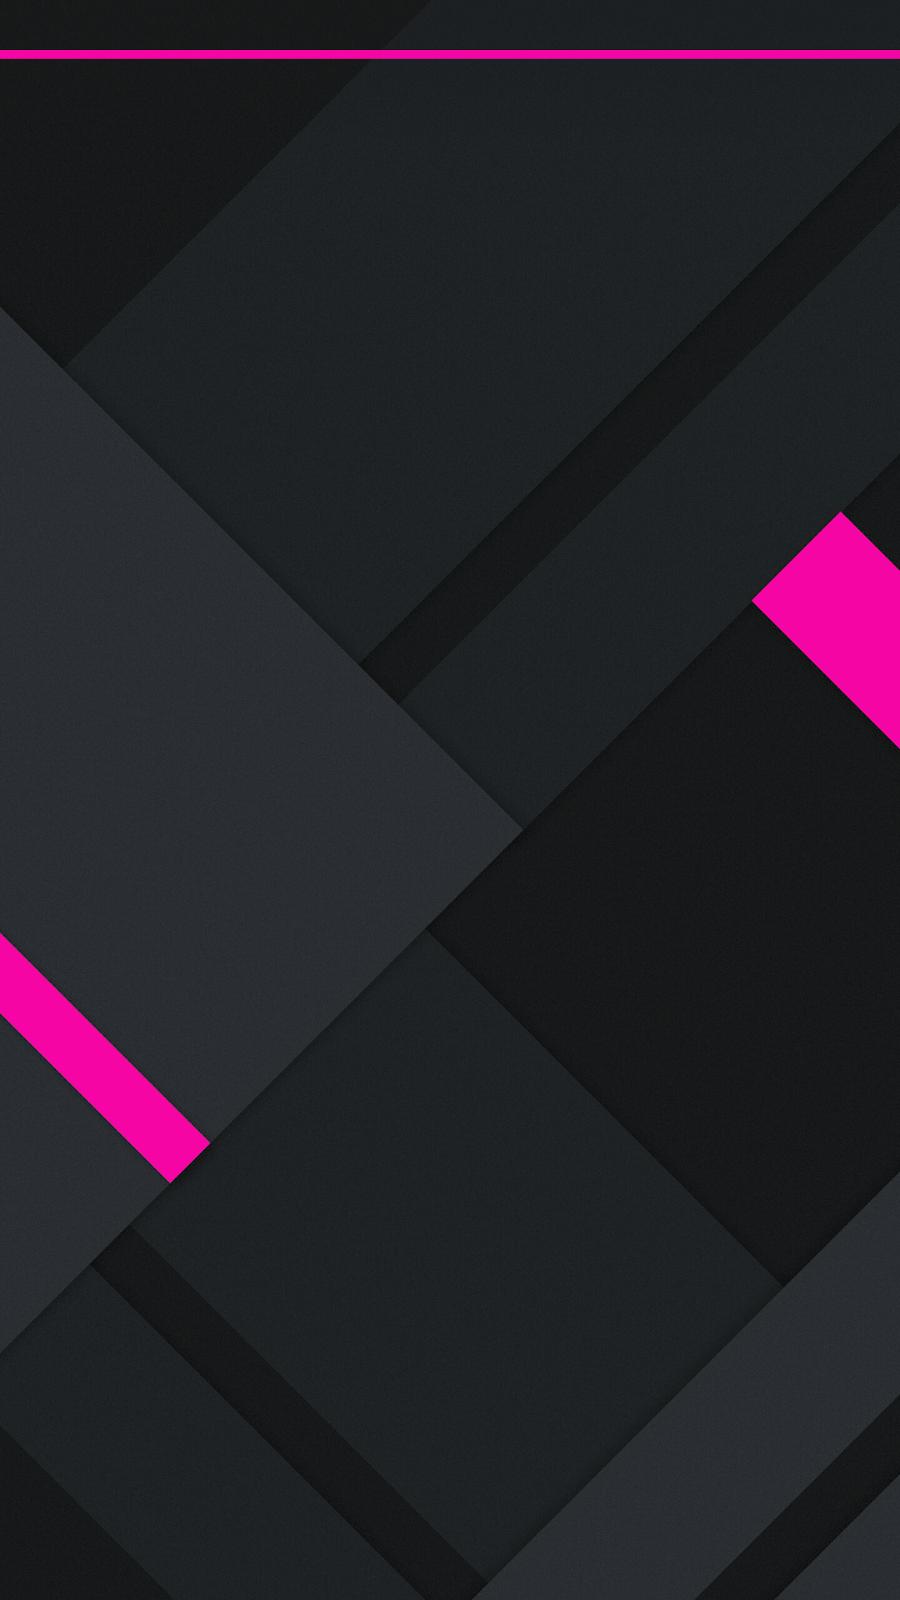 dark minimal wallpaper #luvnote2 | wallpaper | pinterest